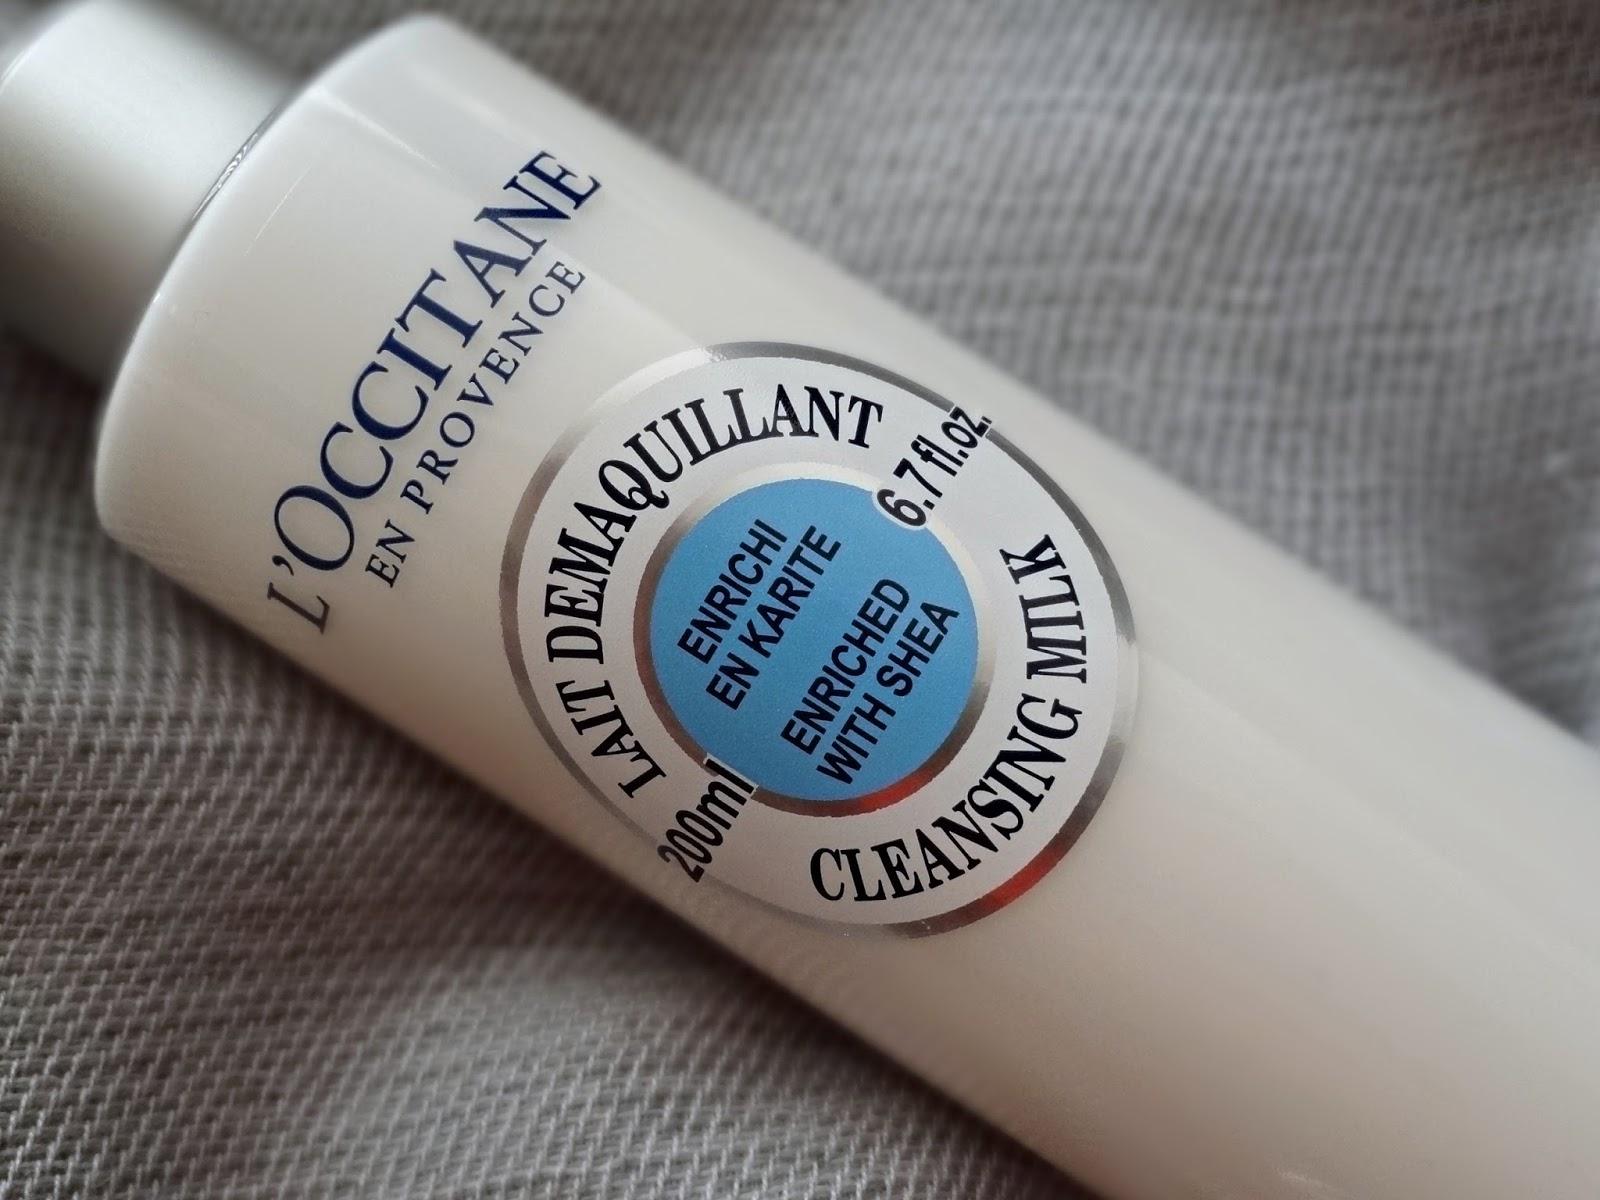 L'Occitane Shea Butter Cleansing Milk